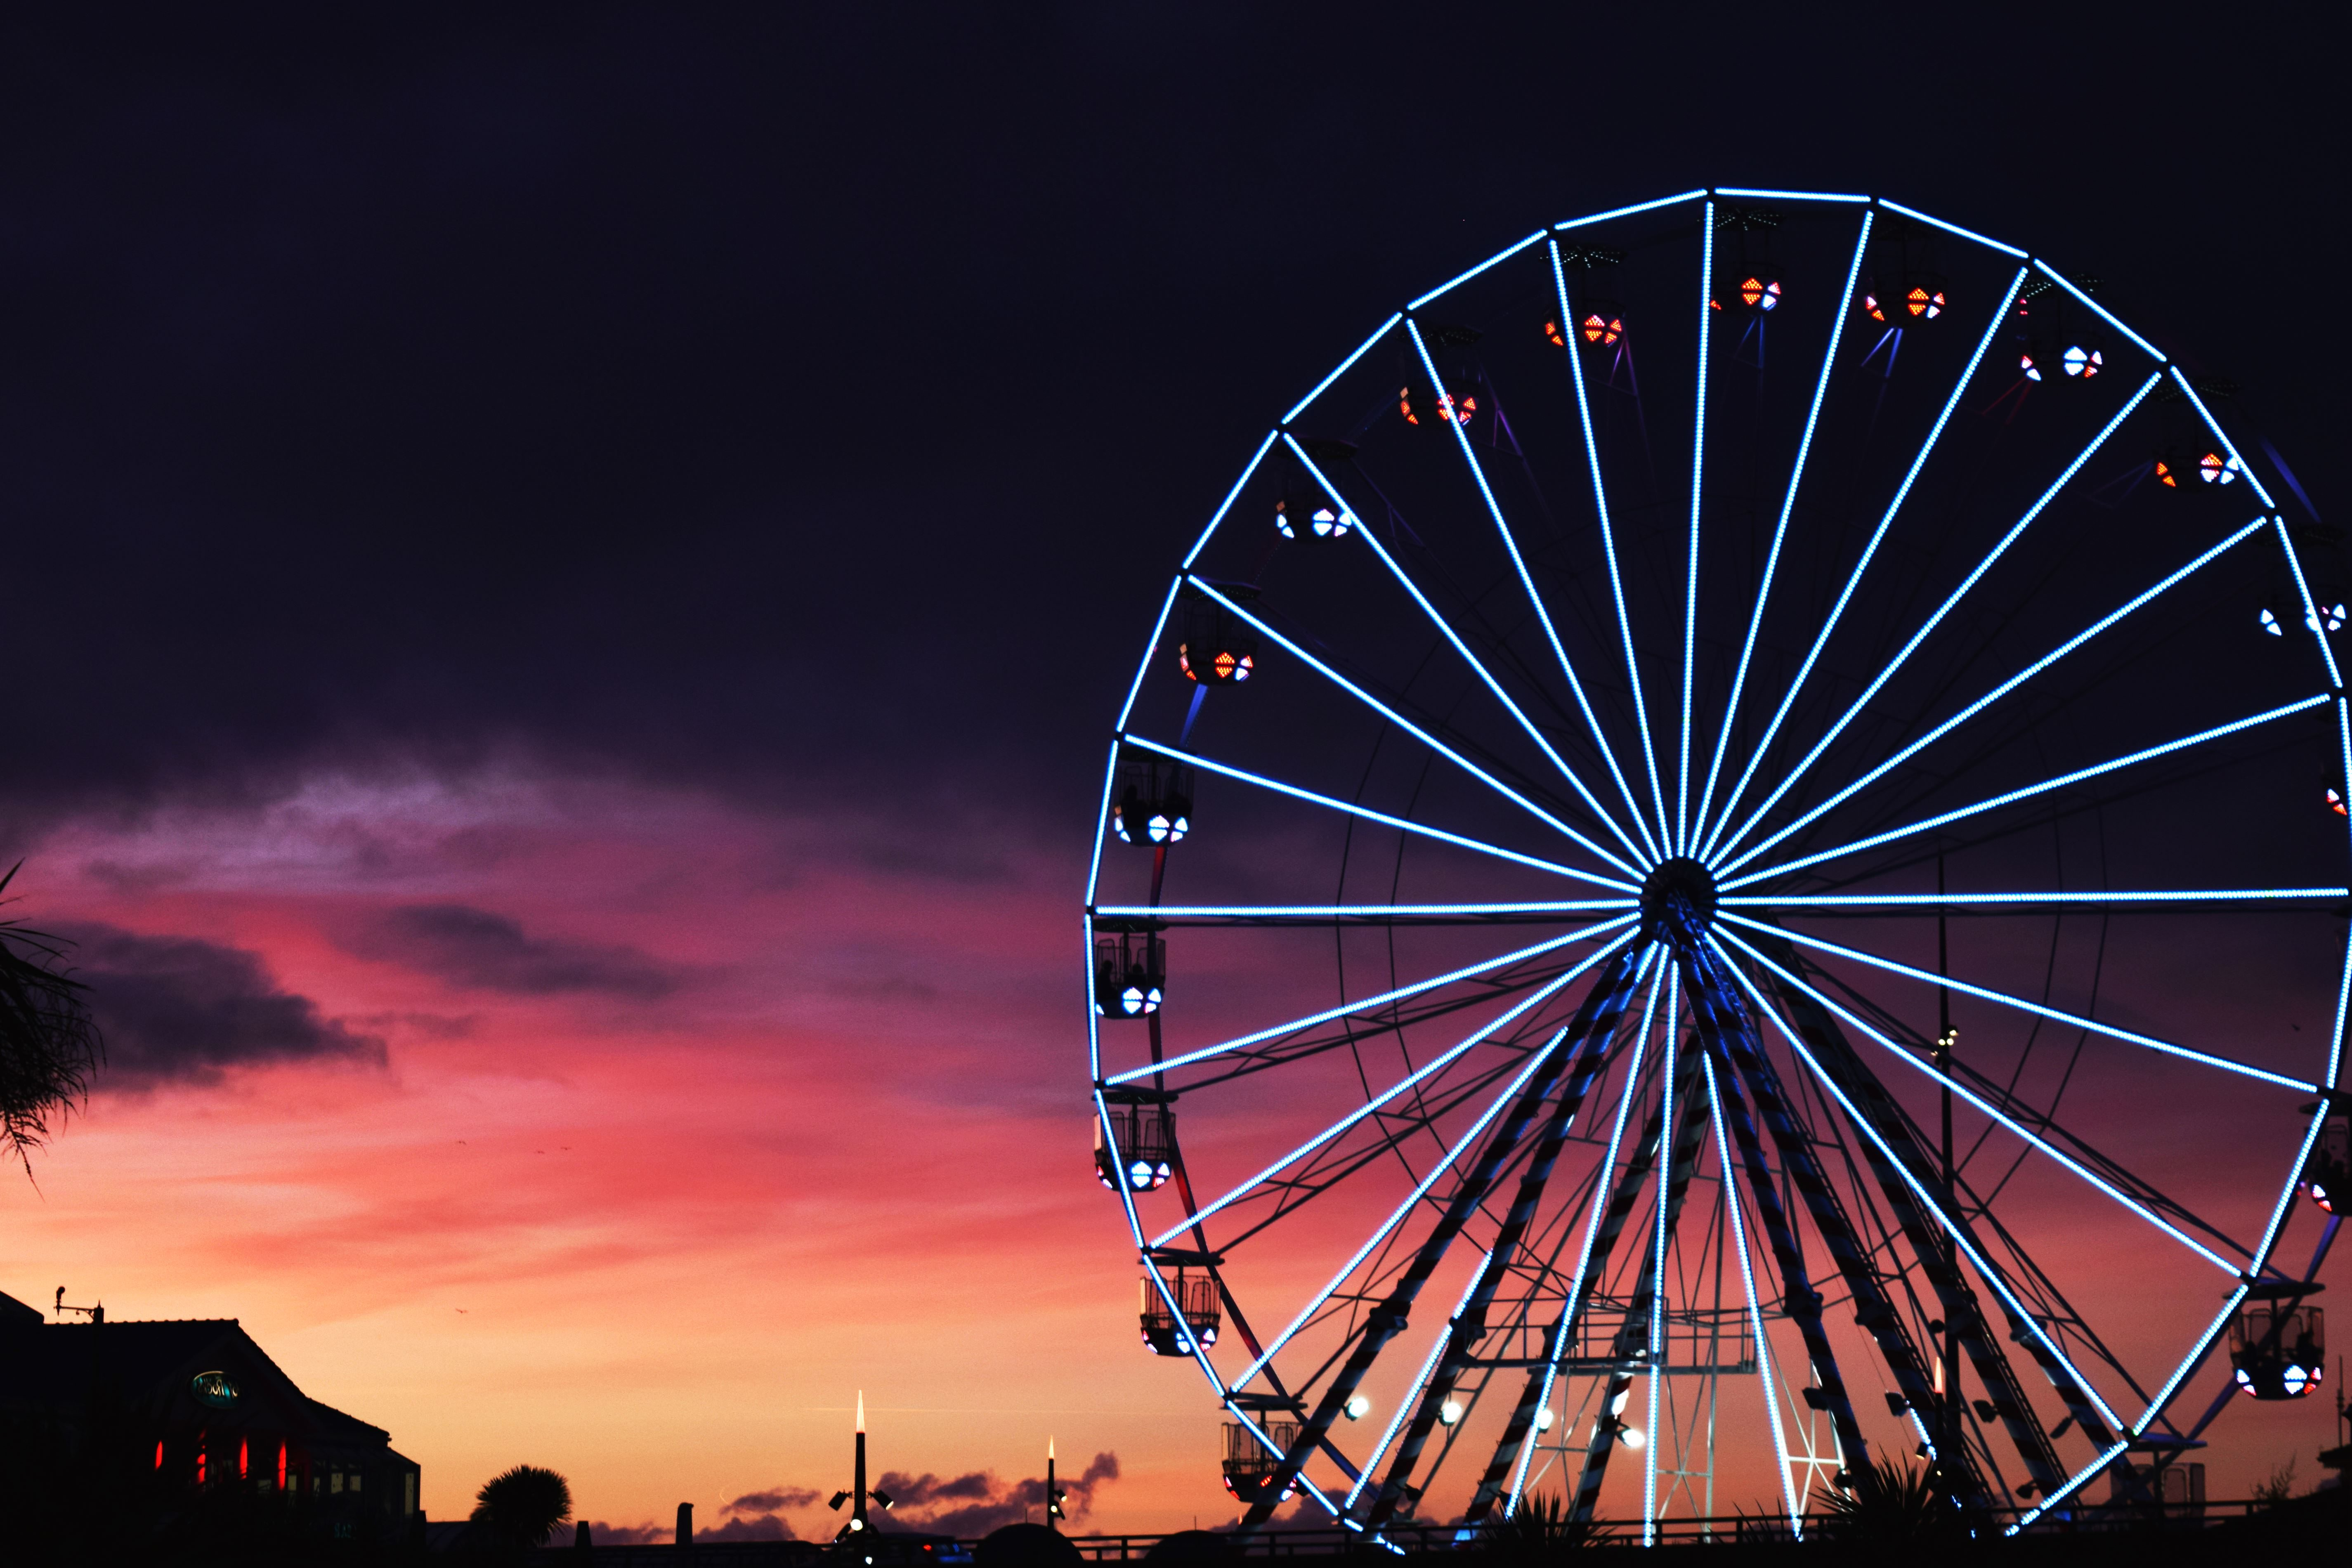 Imagen gratis: carnaval, circo, color, diversión, parque, diversión ...